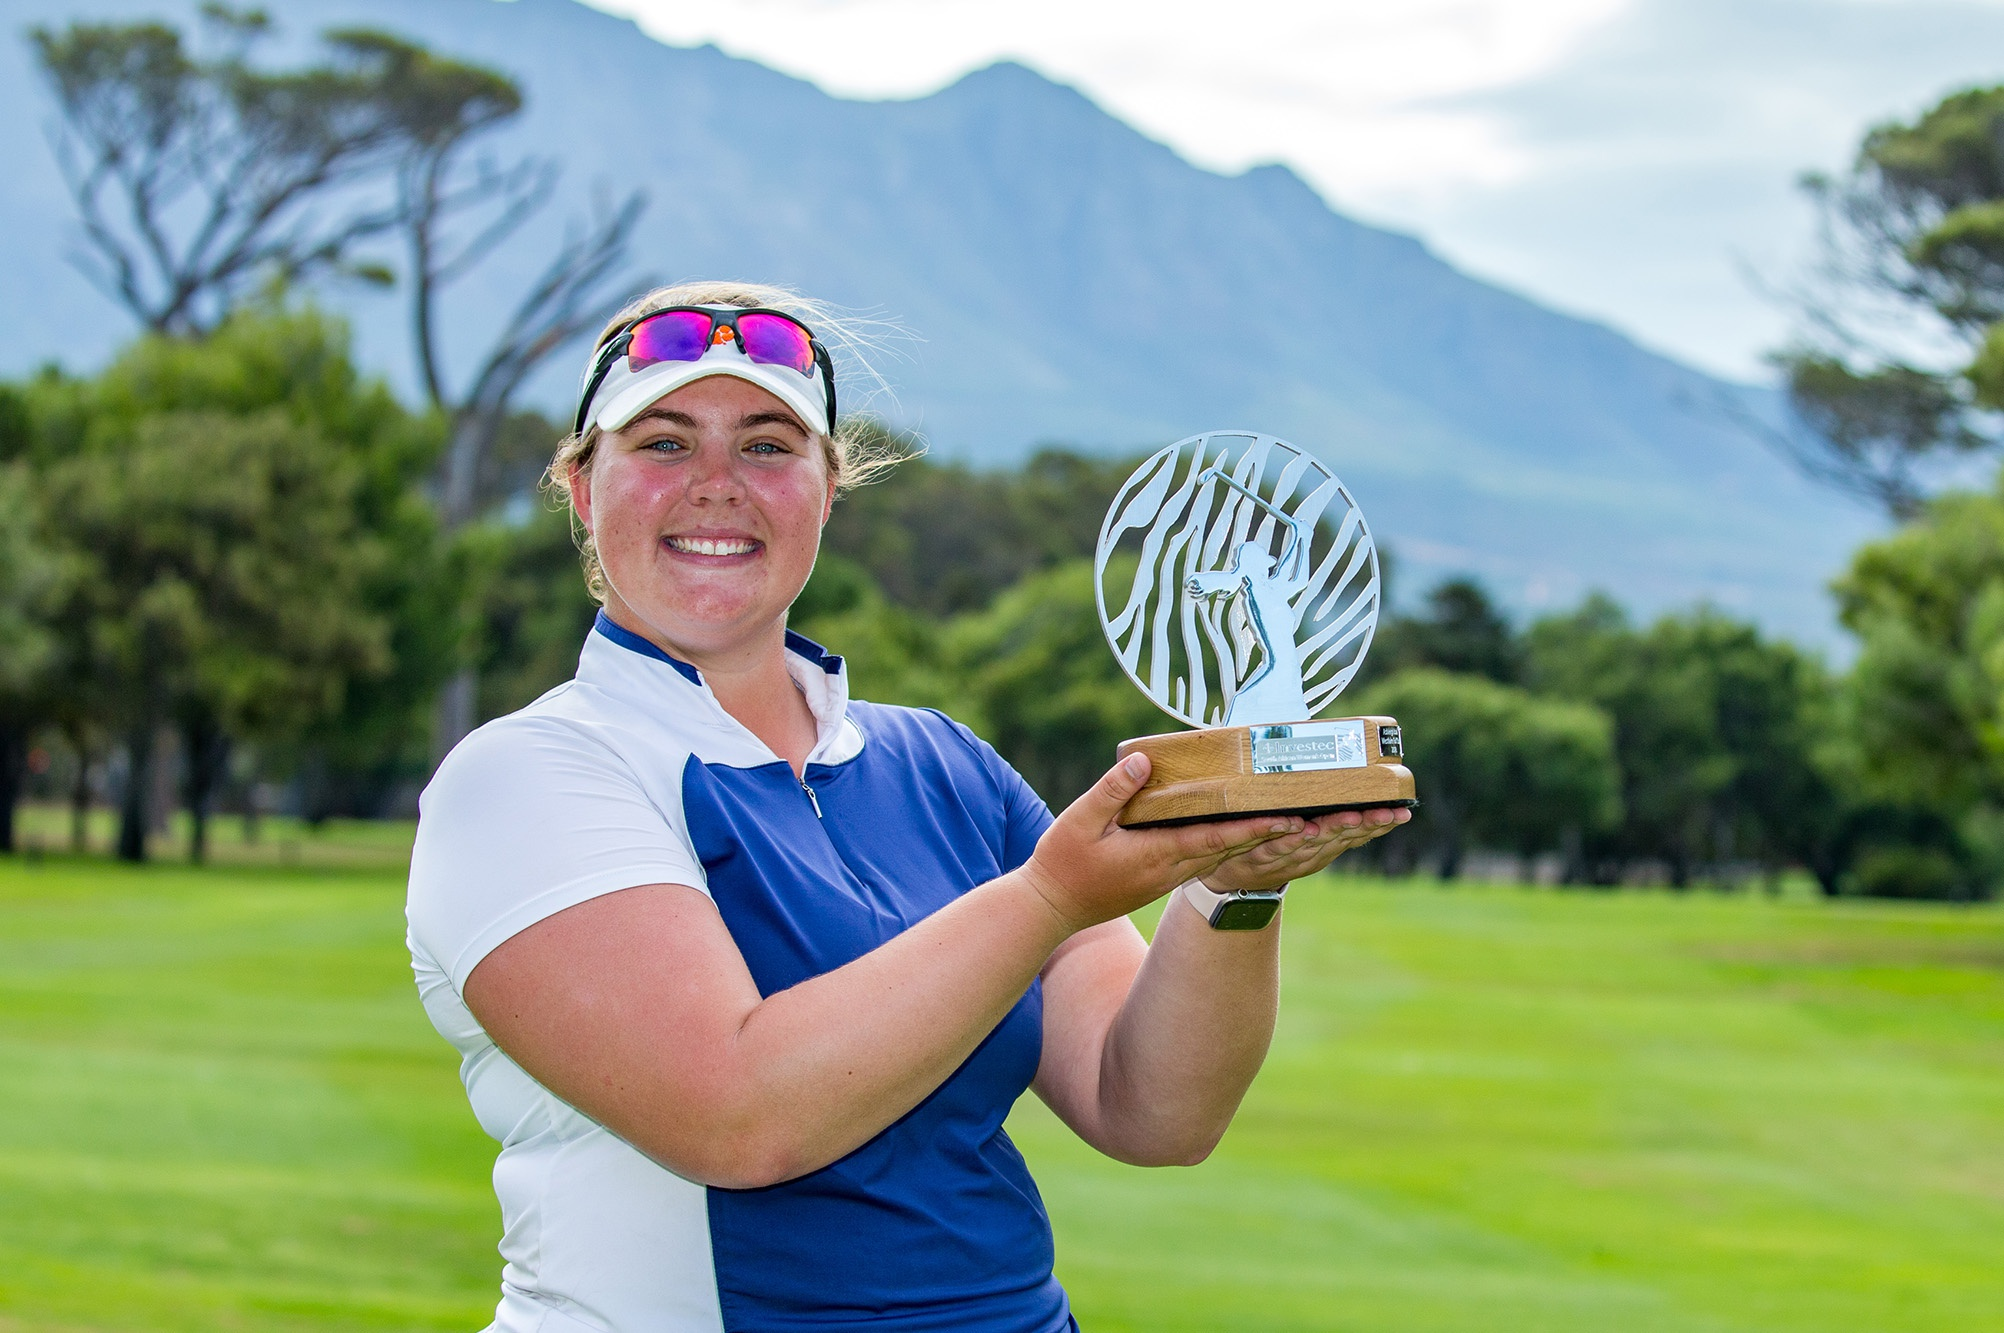 南非女子公开赛:欧巡22岁新人休森首站便夺冠